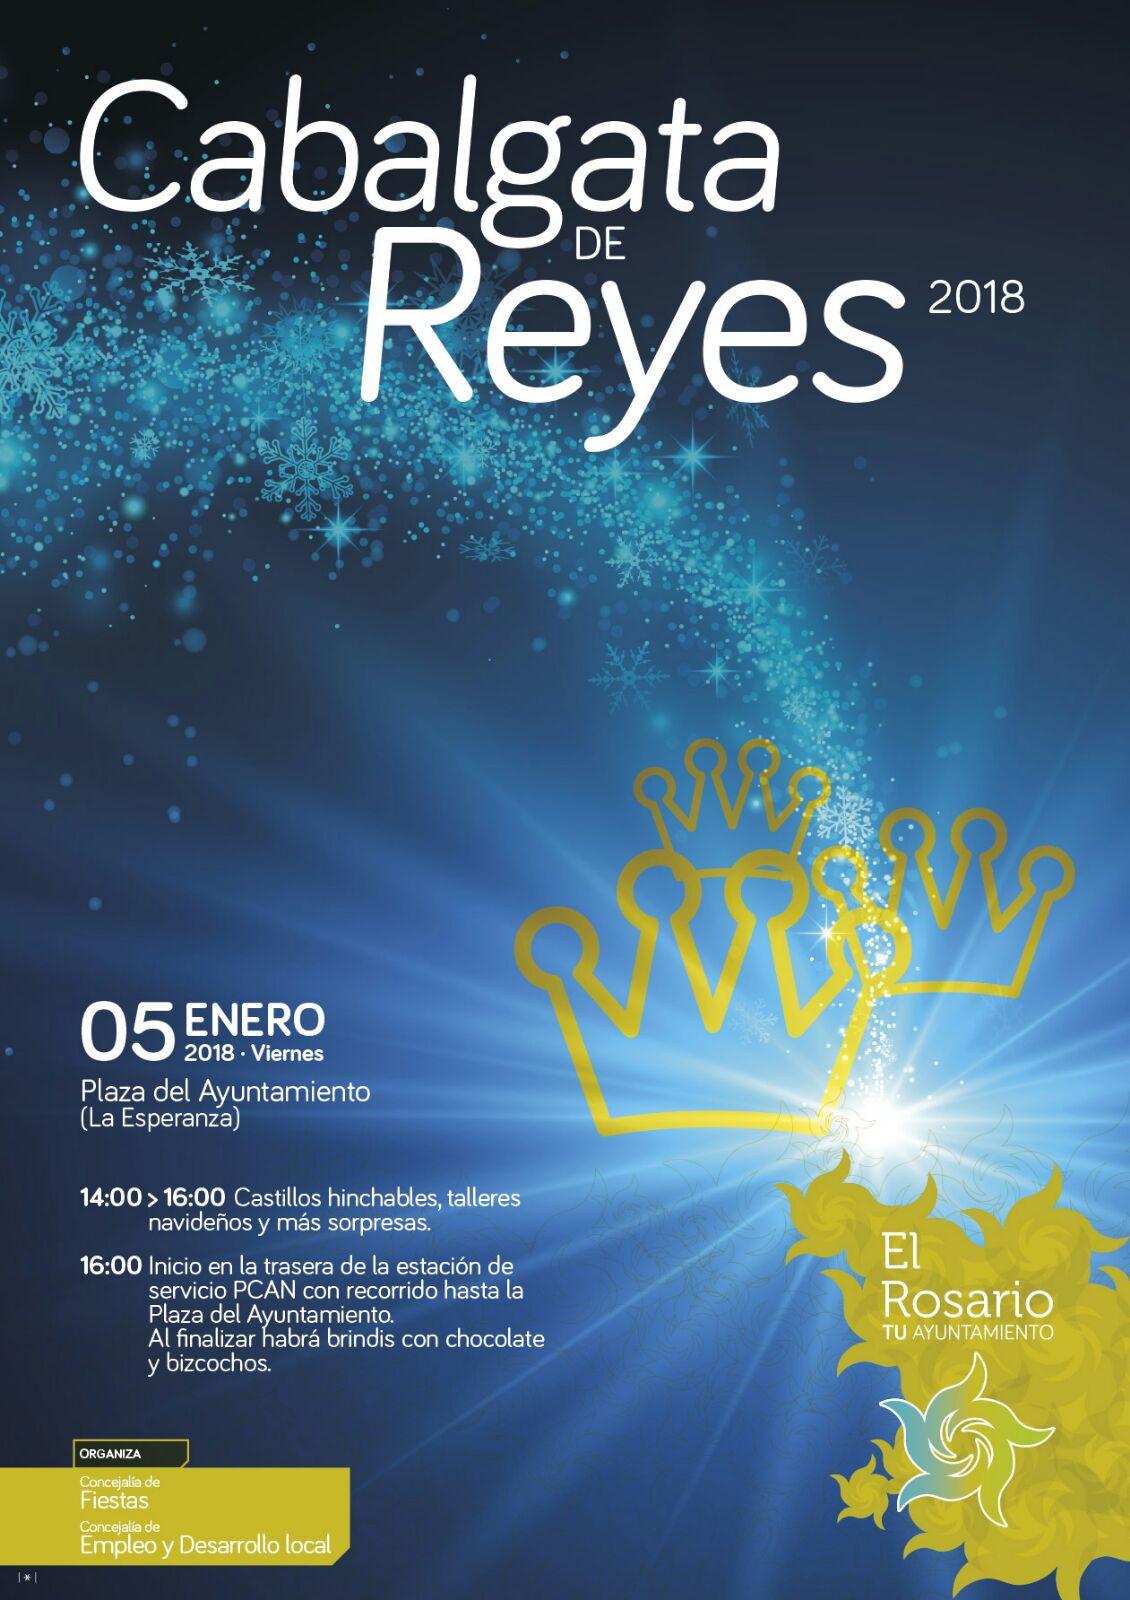 Cartel Cabalgata Reyes 2018